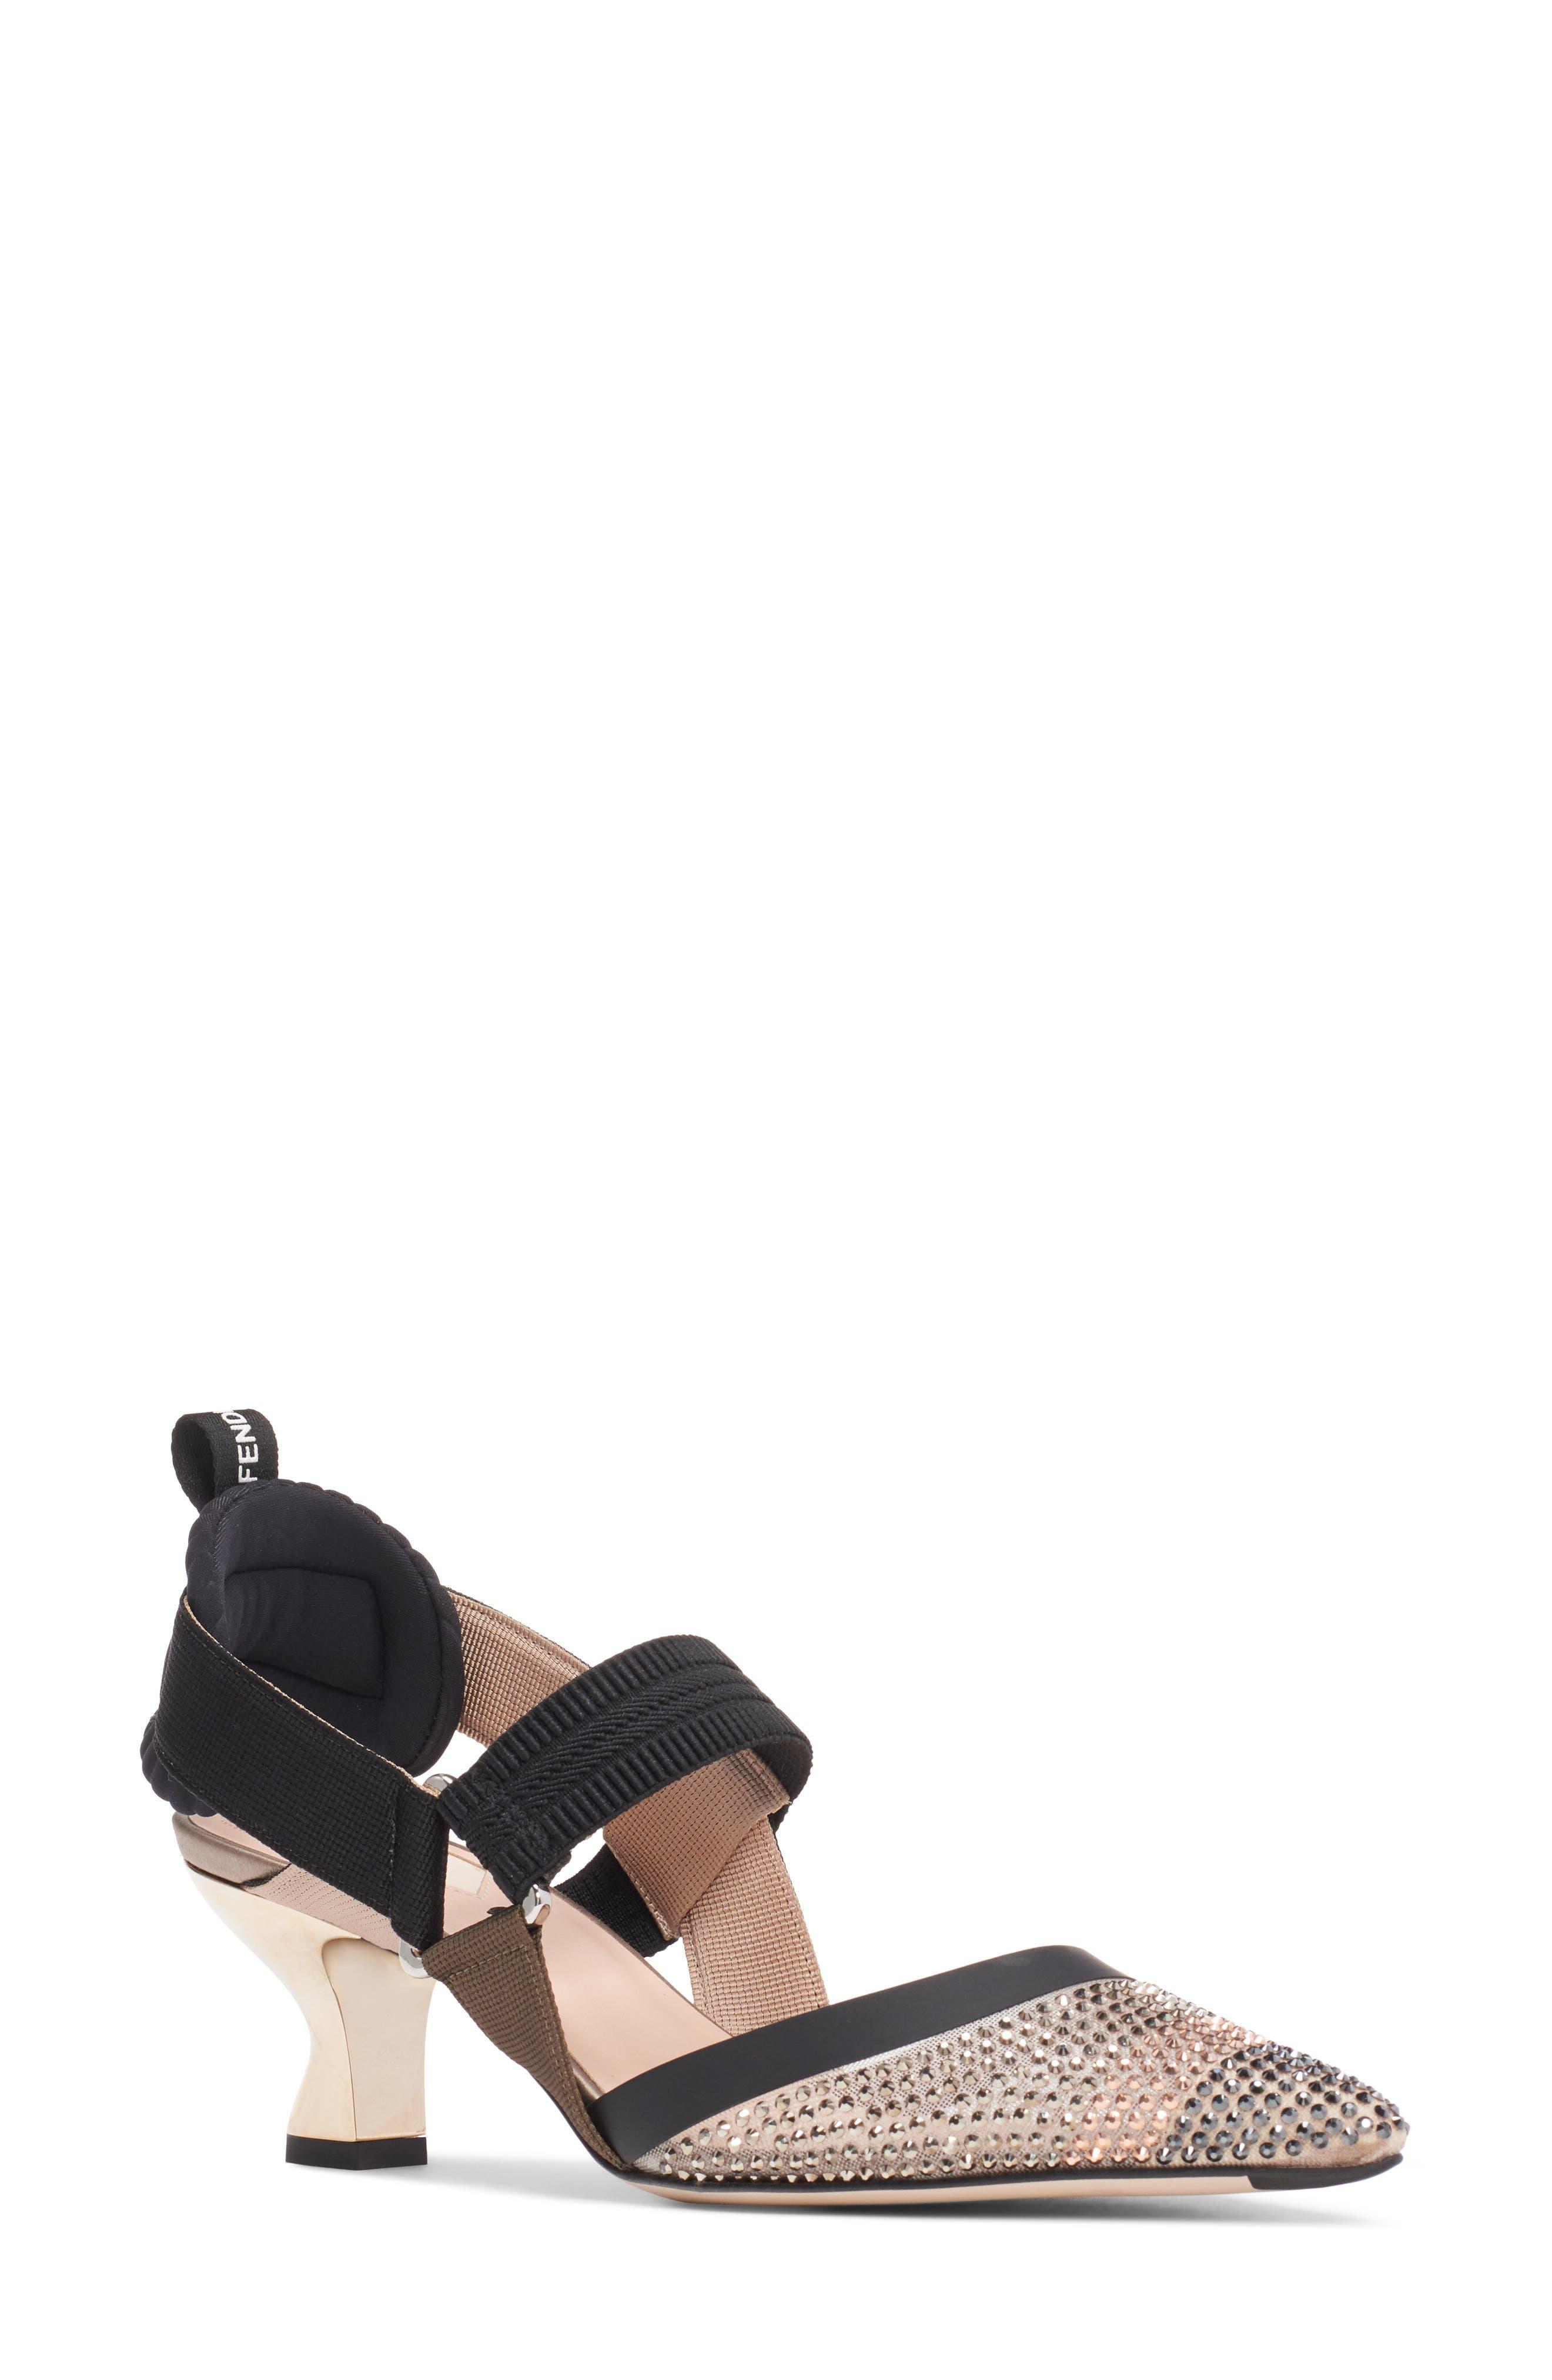 Fendi Colibri Strass Embellished Slingback Pump, Black